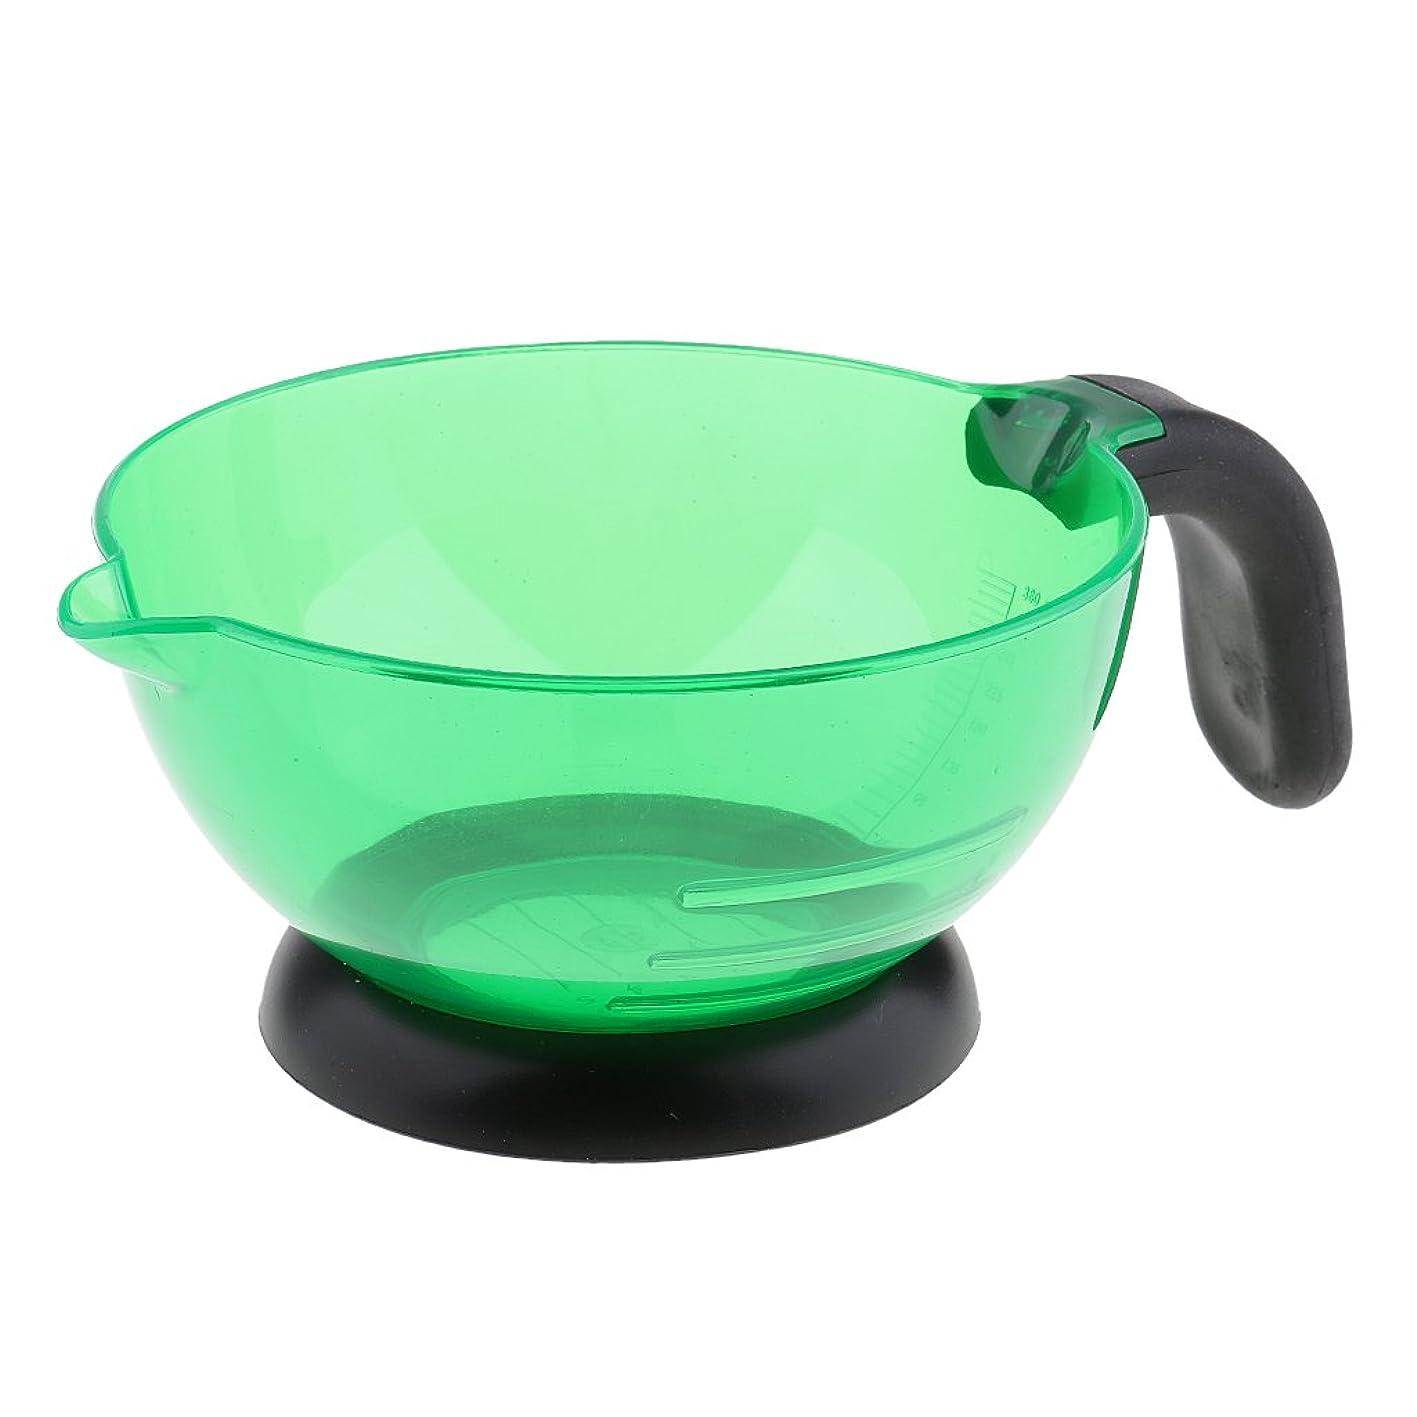 殺すばかげたイブニングBaosity 全3色選べ 高品質 シリコン 多機能 美容室/サロン 染剤ボウル ヘアカラー 染め用具  - 緑